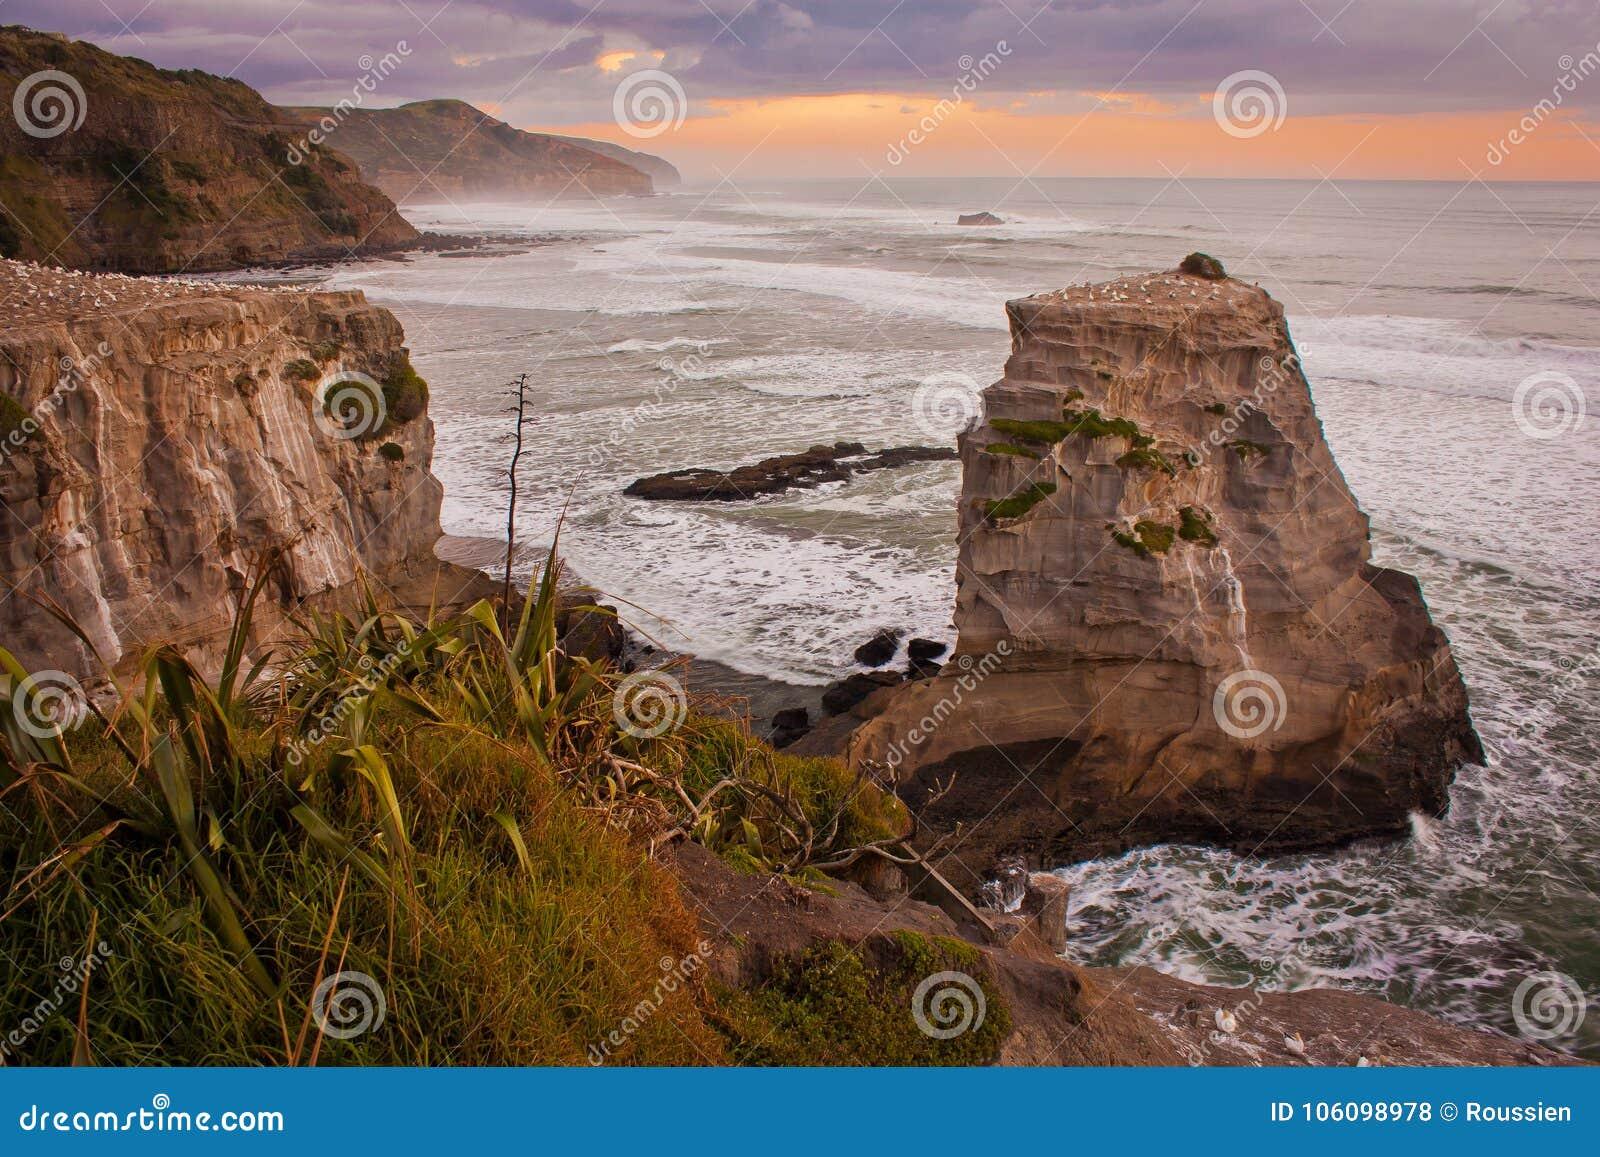 Los acantilados rocosos en Muriwai varan, cerca de Auckland, Nueva Zelanda